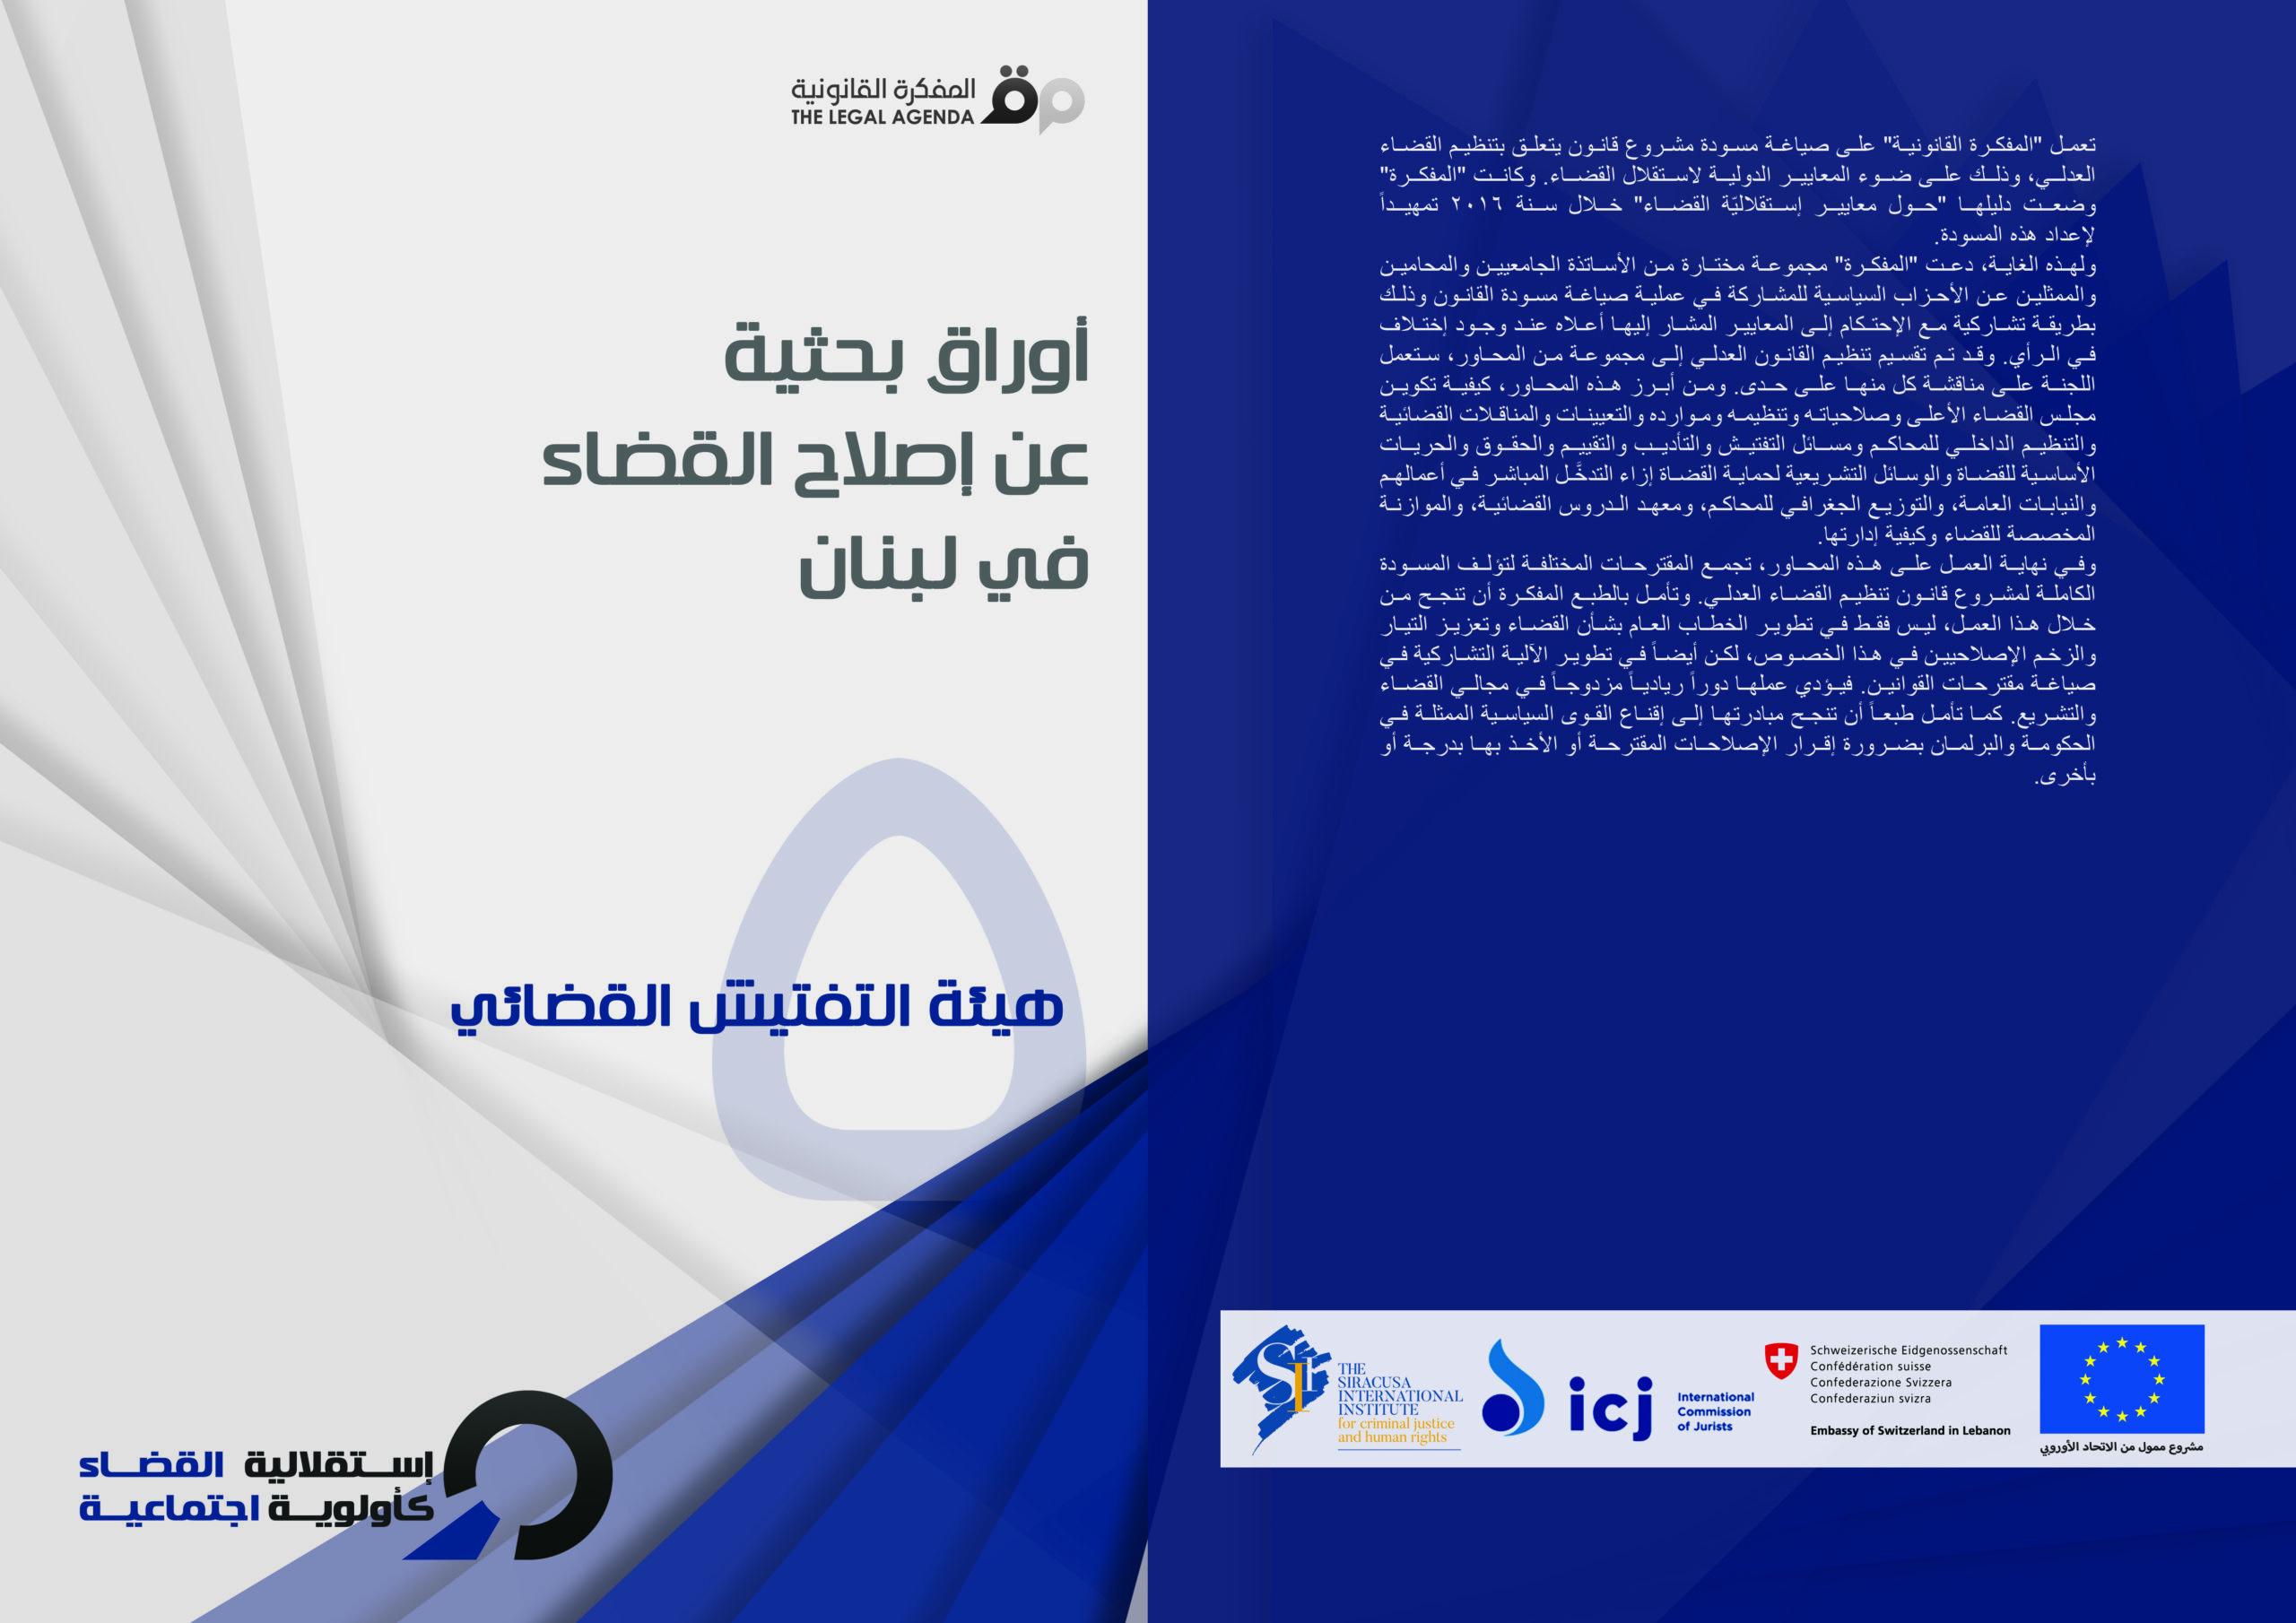 المفكرة تنشر ورقتها البحثية ال 5 حول إصلاح القضاء في لبنان:هيئة التفتيش القضائي